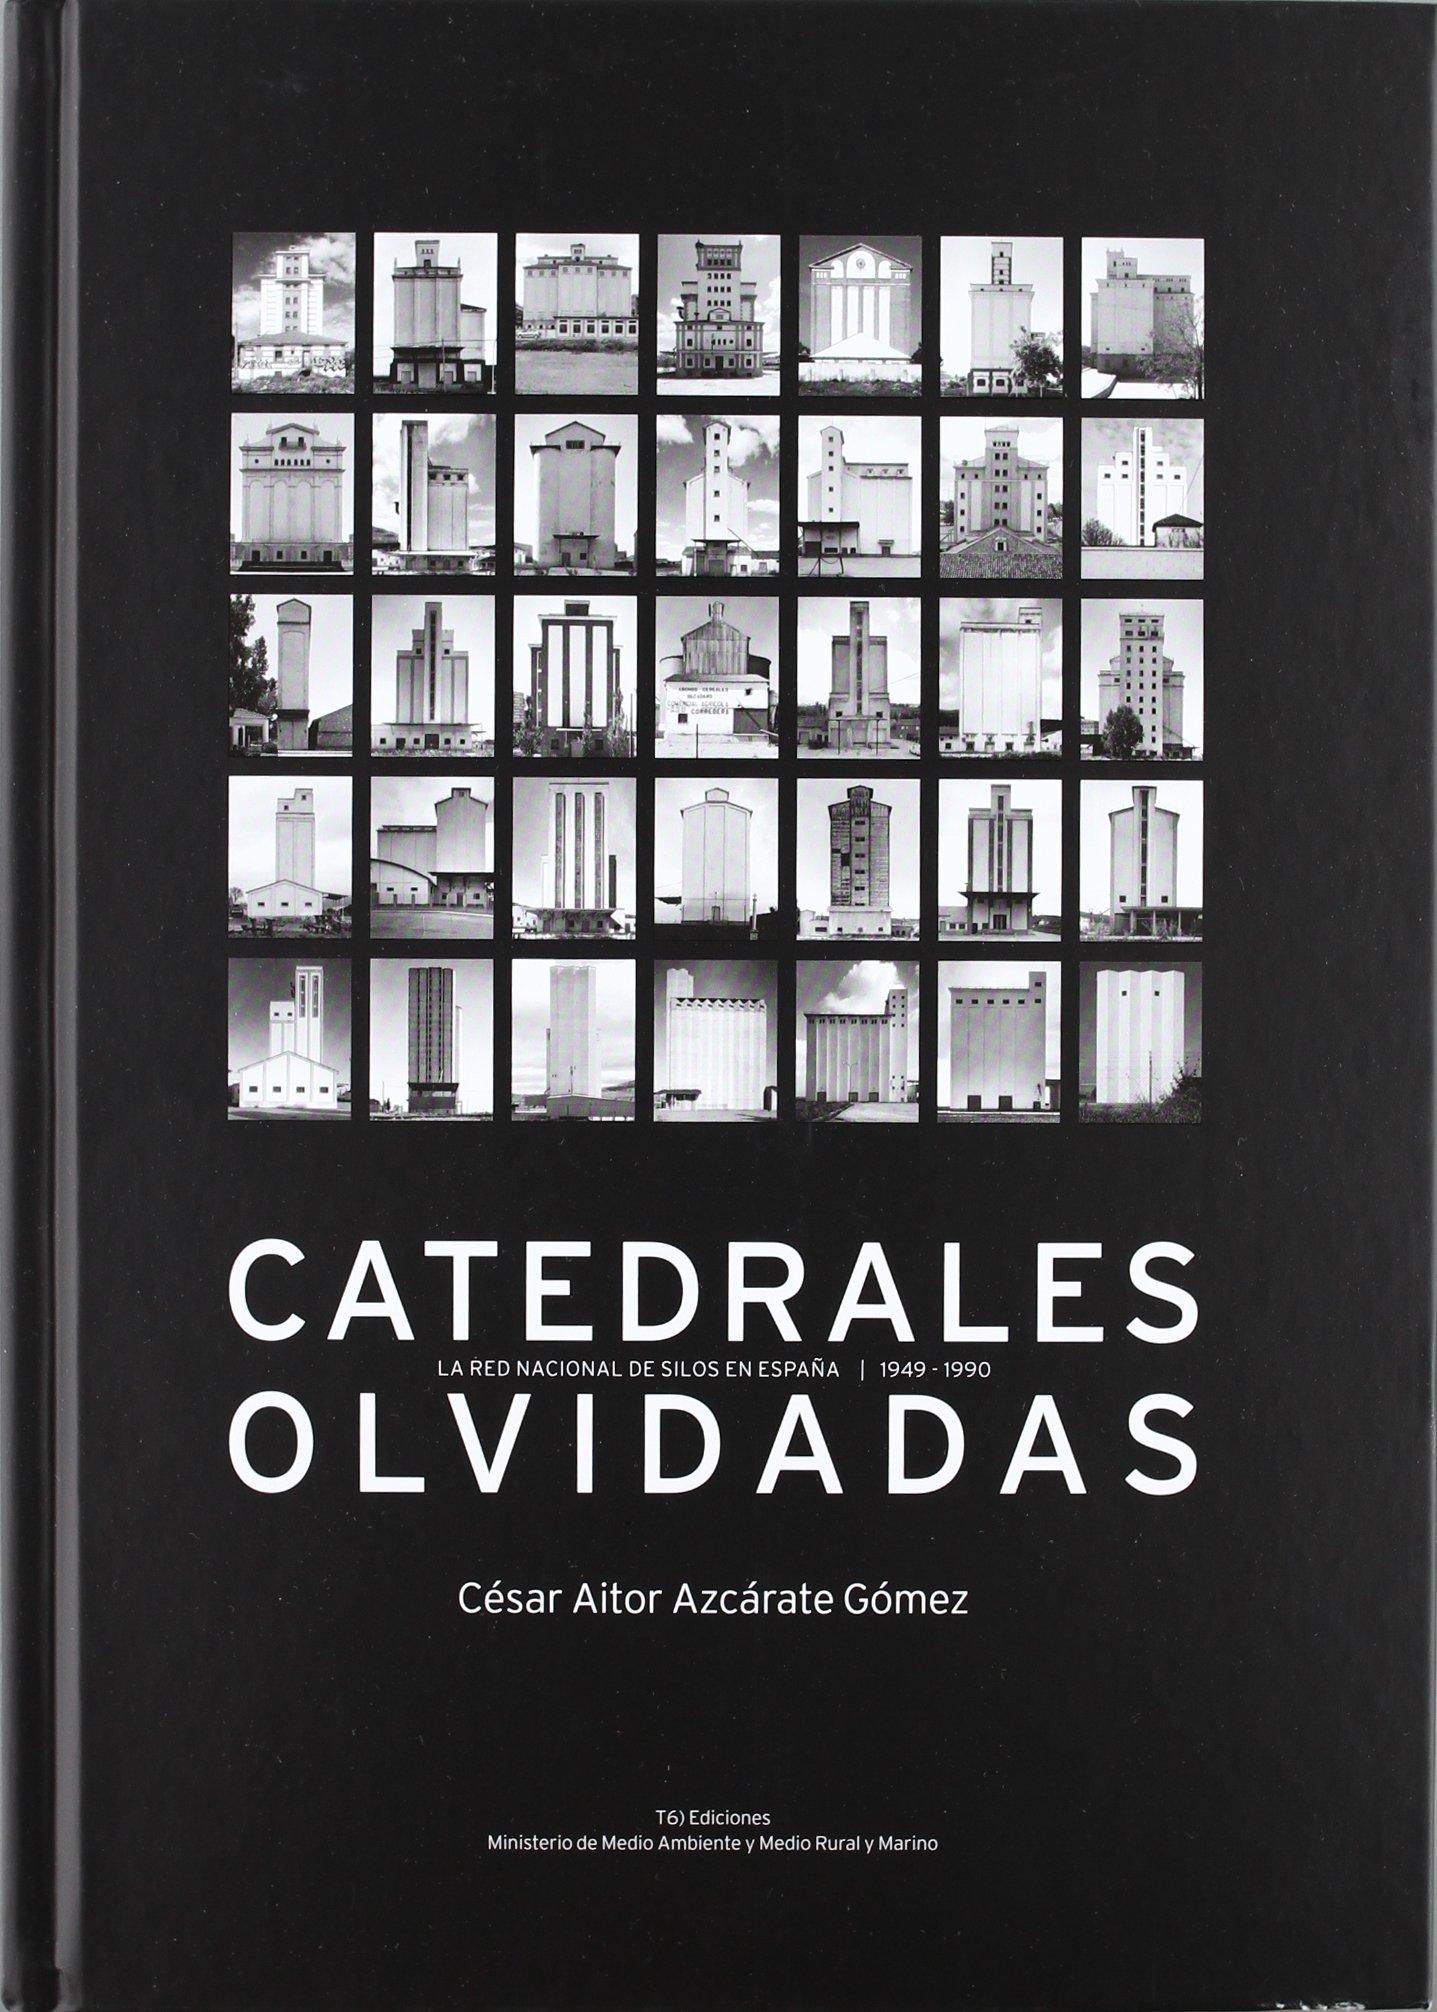 Catedrales olvidadas la red nacional de silos en España 1949-1990: Amazon.es: Azcarate Gomez, C.A.: Libros